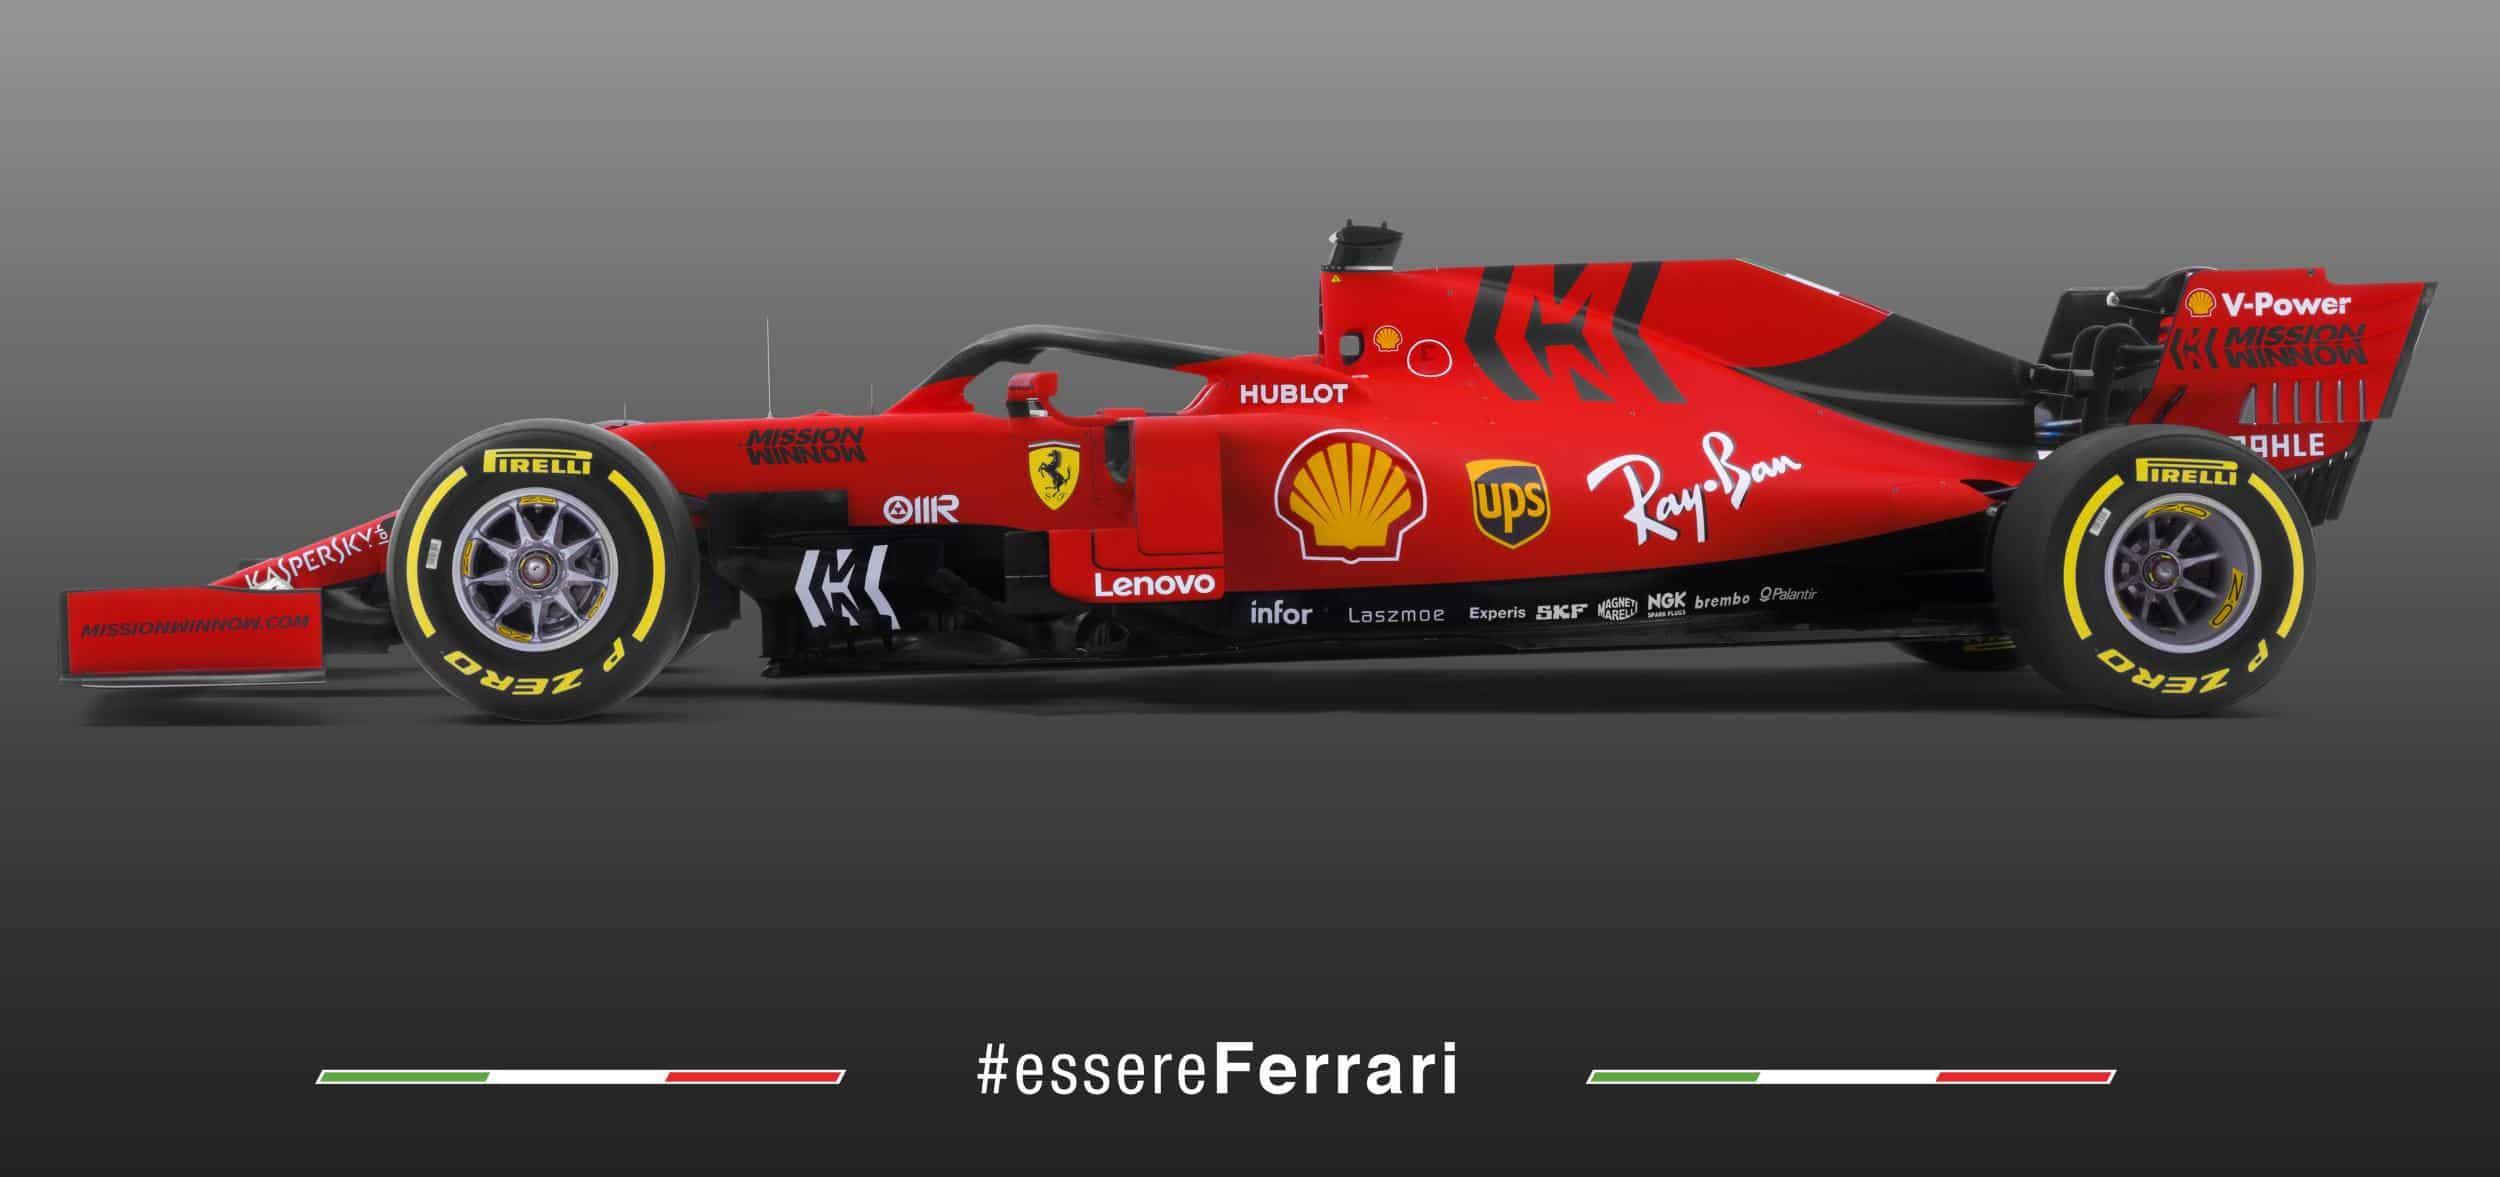 Ferrari launches its 2019 F1 car SF90